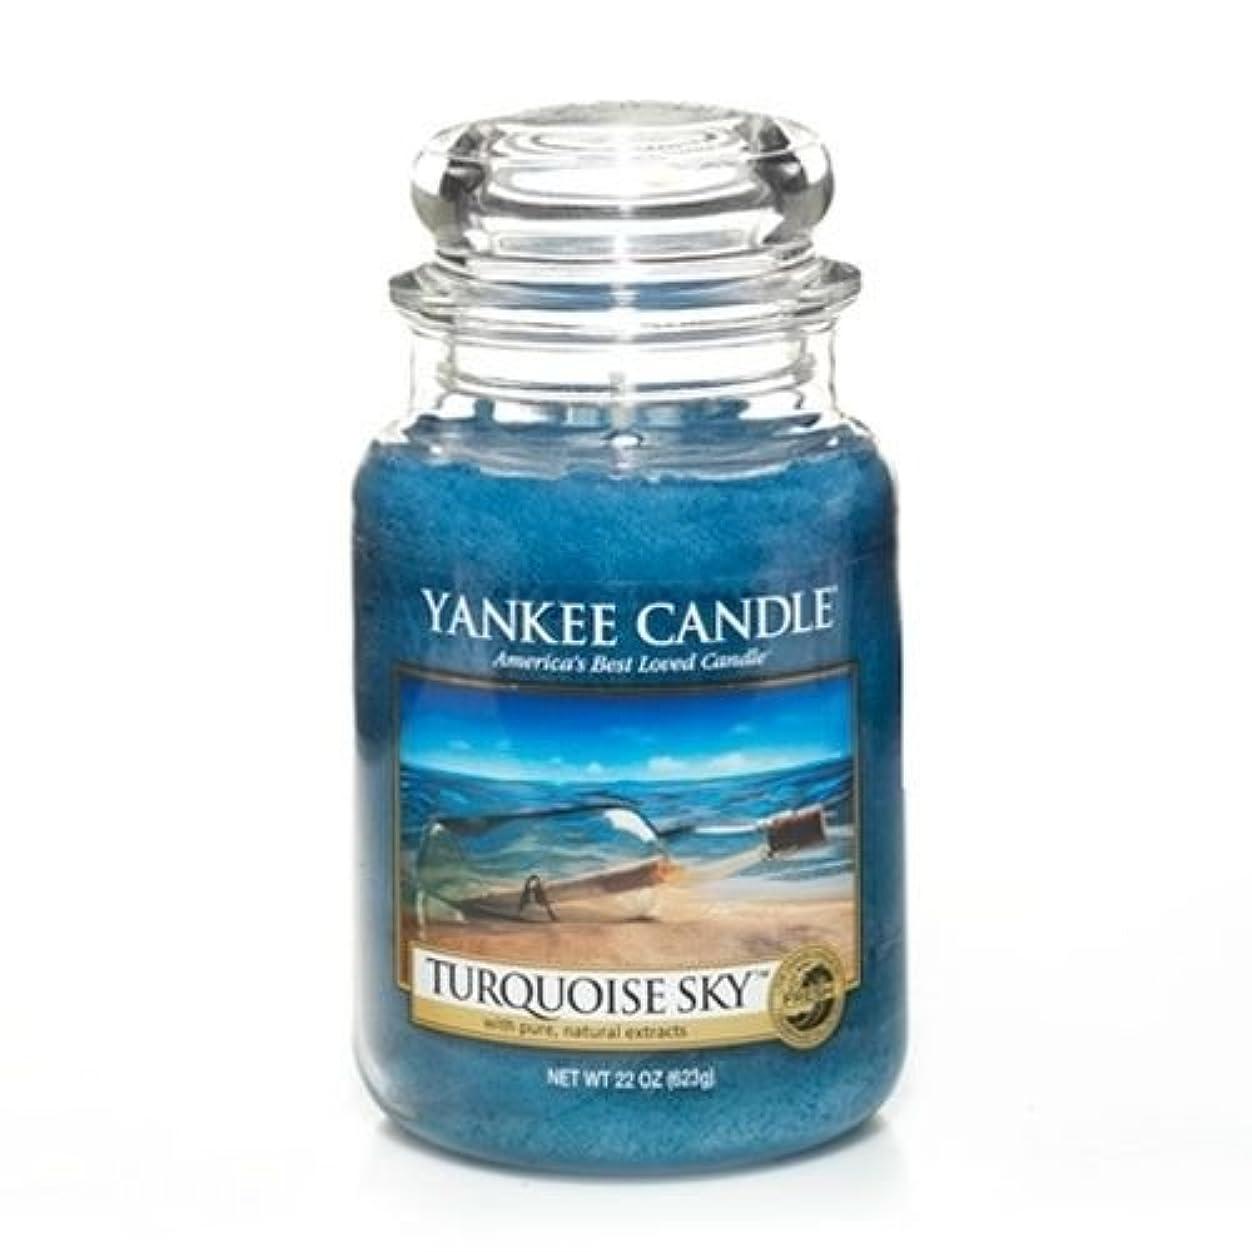 高架で長椅子YankeeキャンドルターコイズSky Large Jar Candle、新鮮な香り